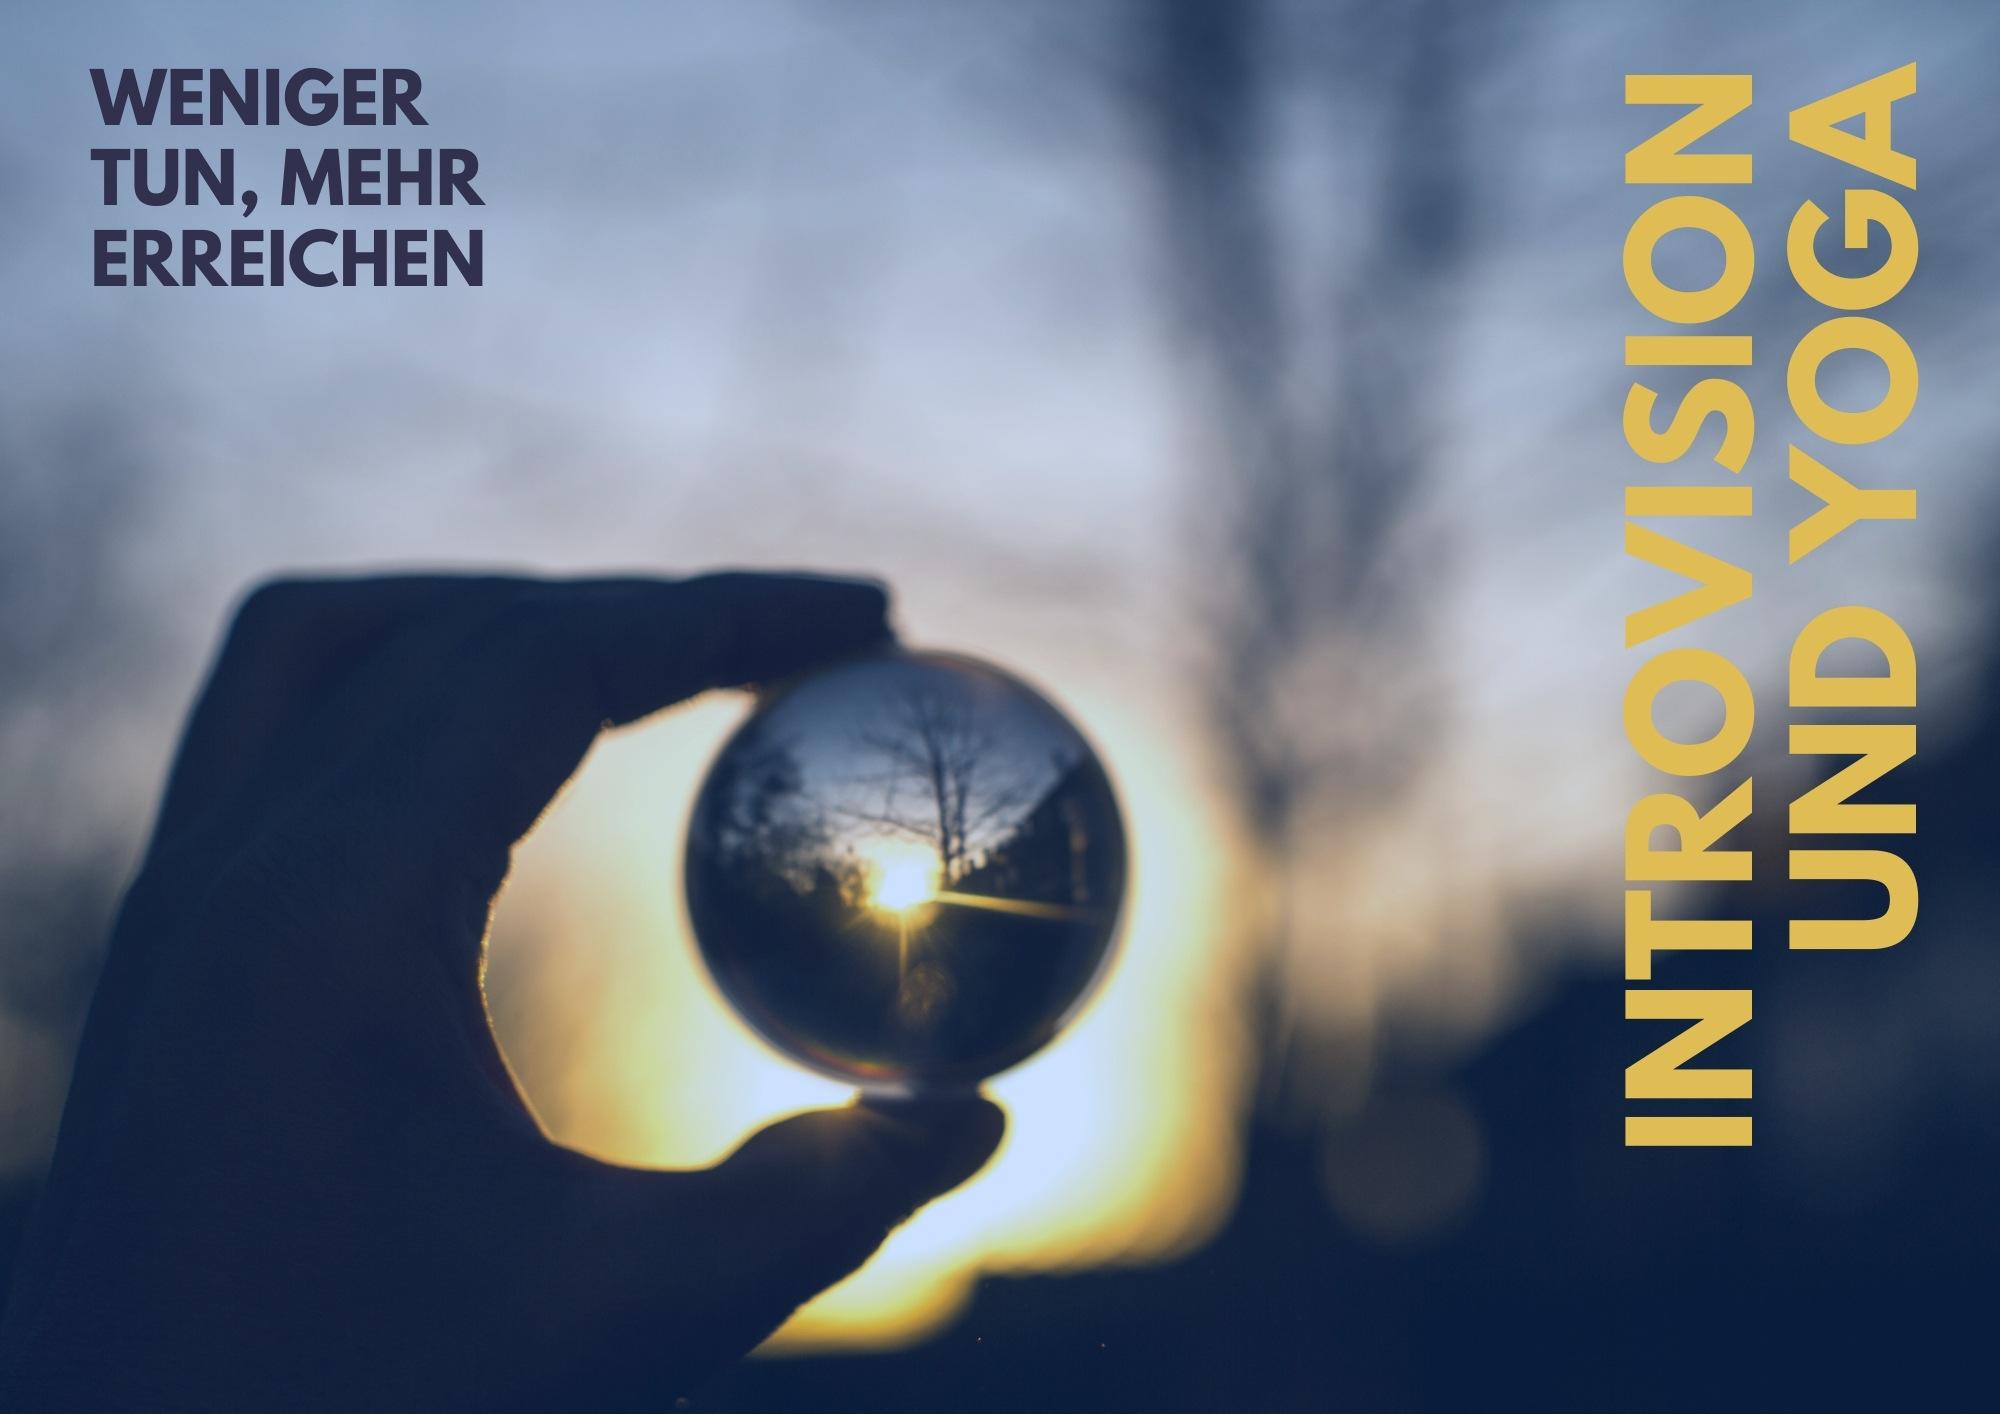 Yoga- und Introvisionsretreat - 03.10. - 08.10.2021 in Bad Hofgastein